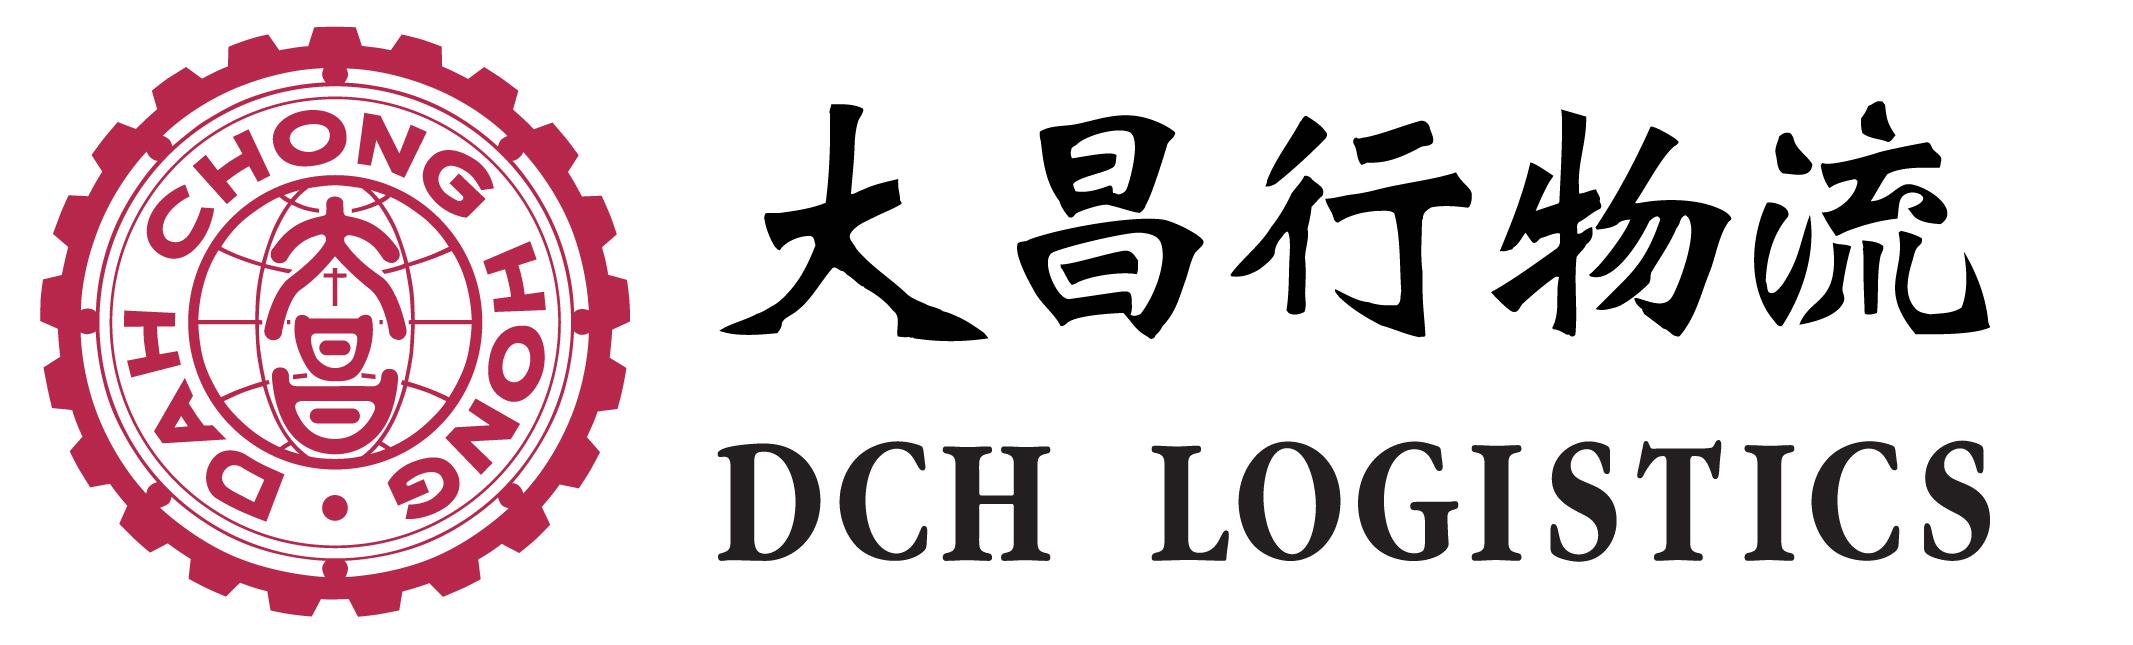 food scheme 2016 gold DCH Logistics